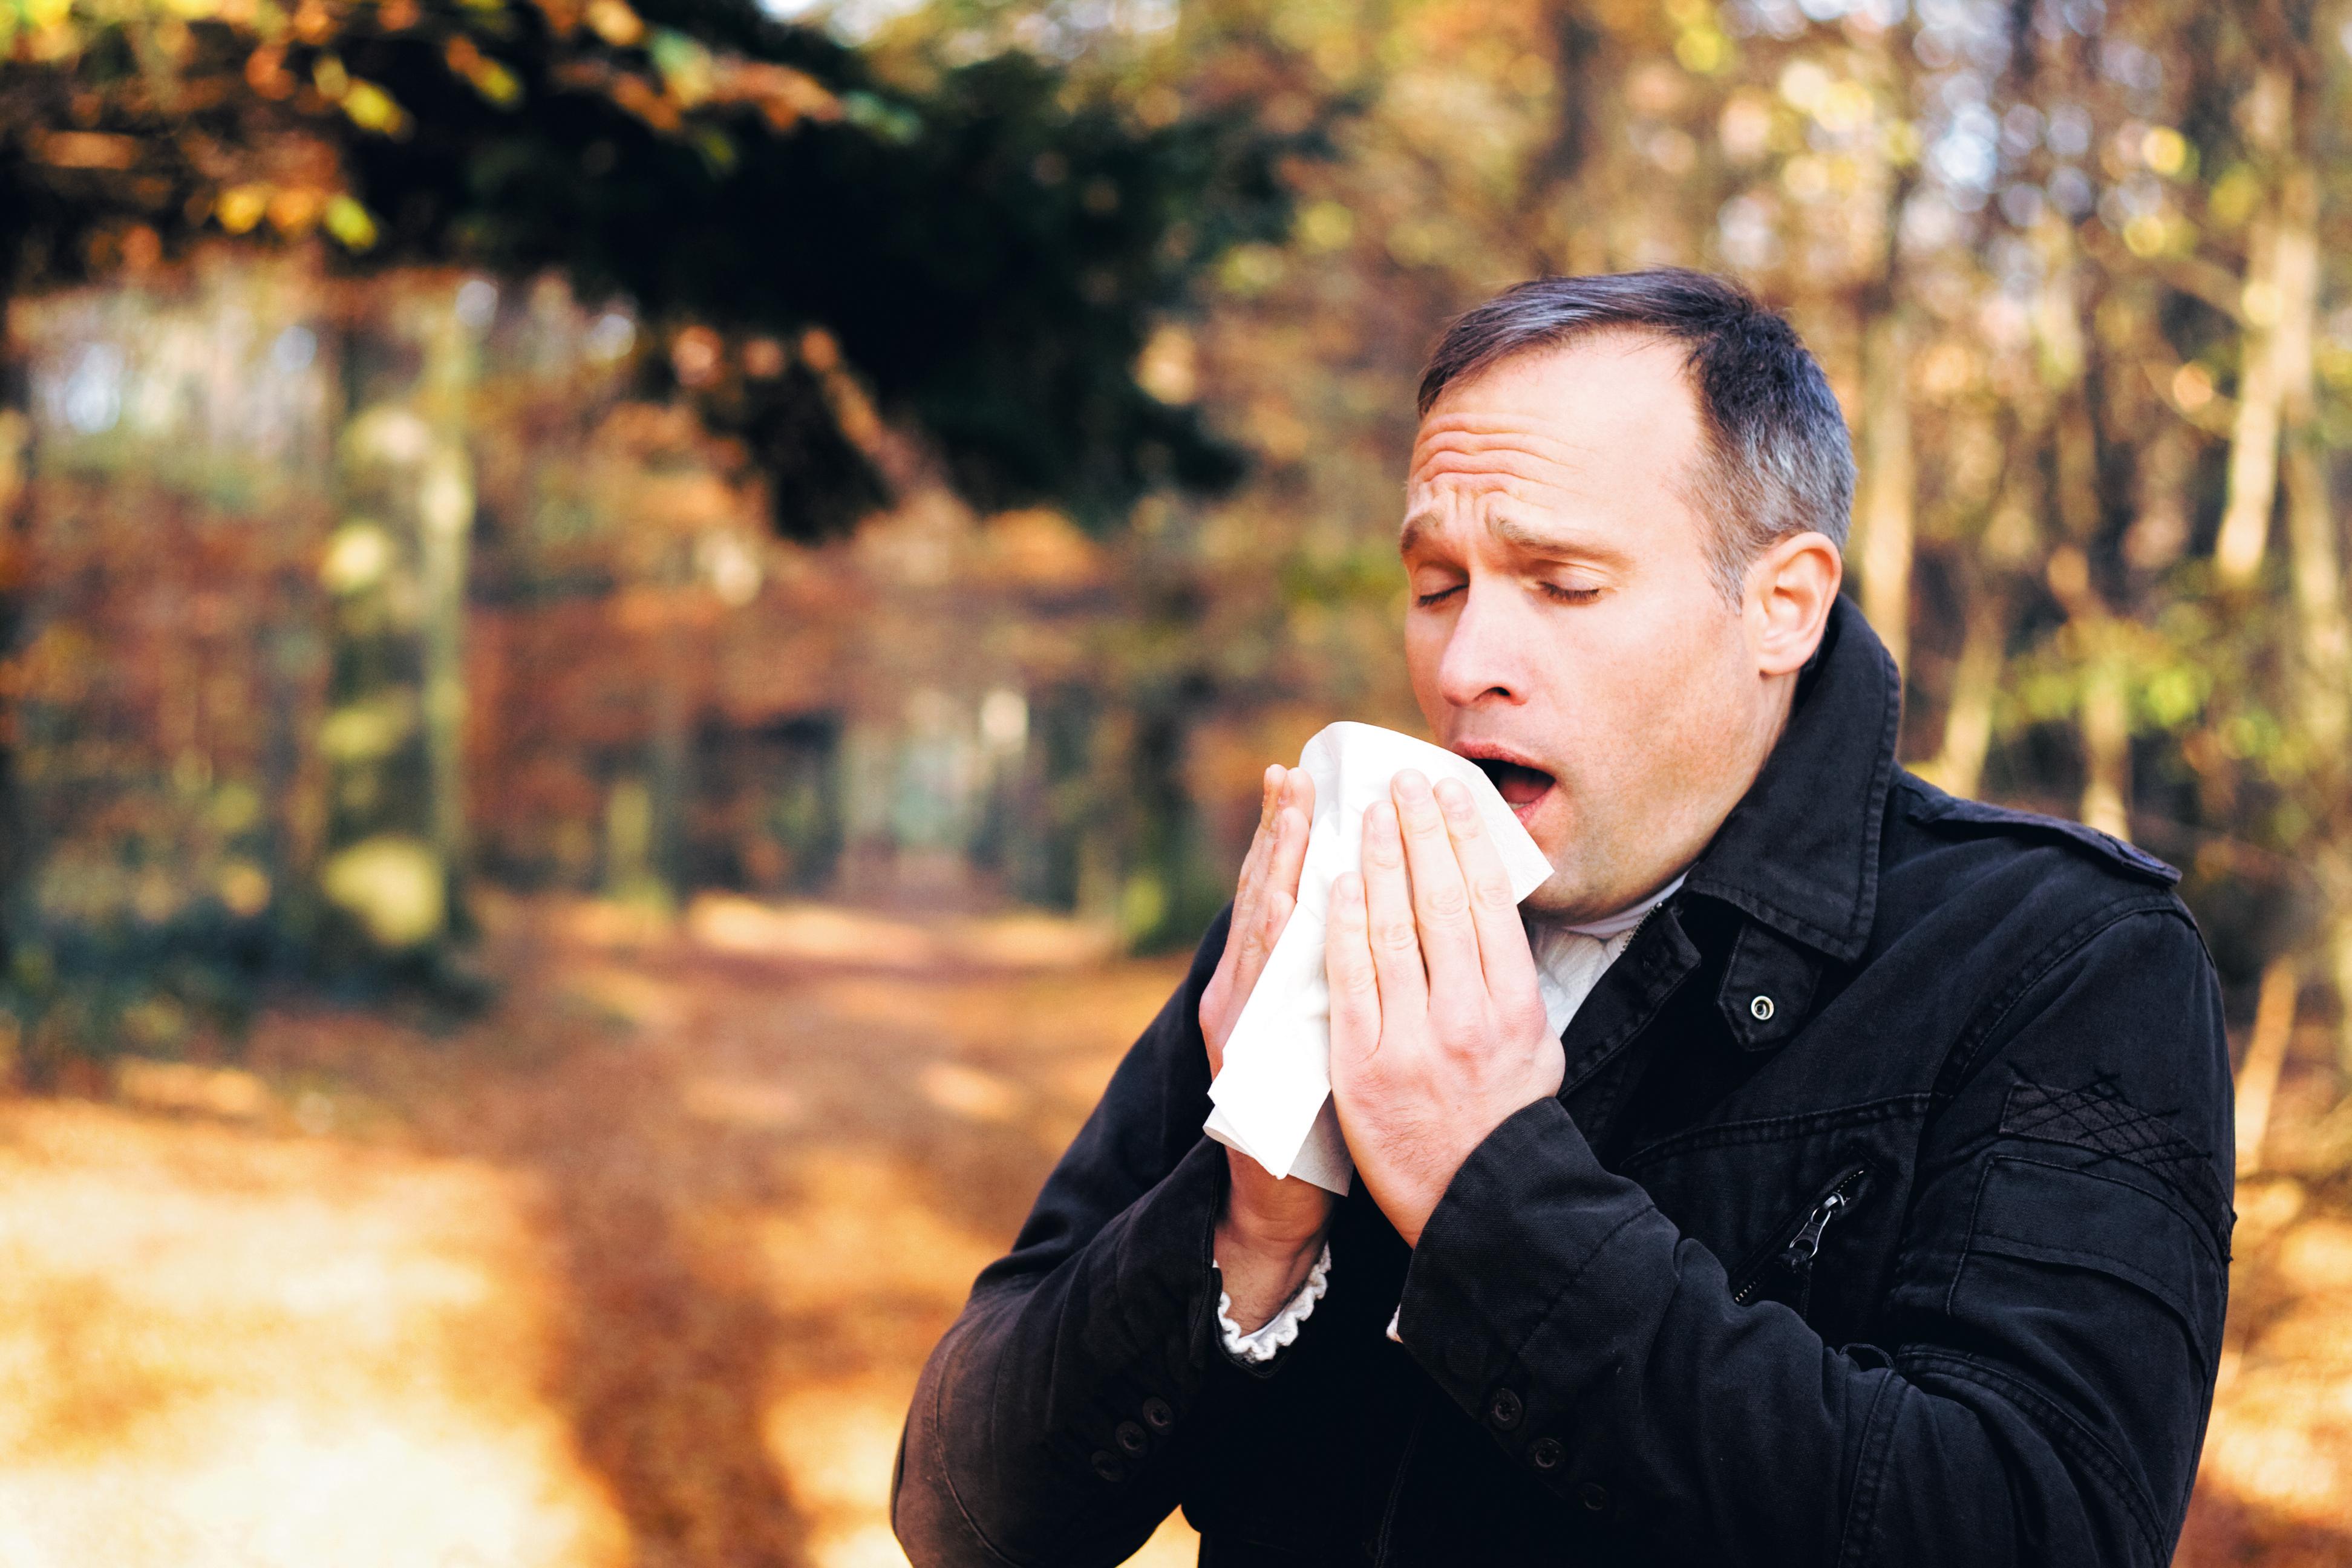 Nueva alternativa contra el cáncer de pulmón